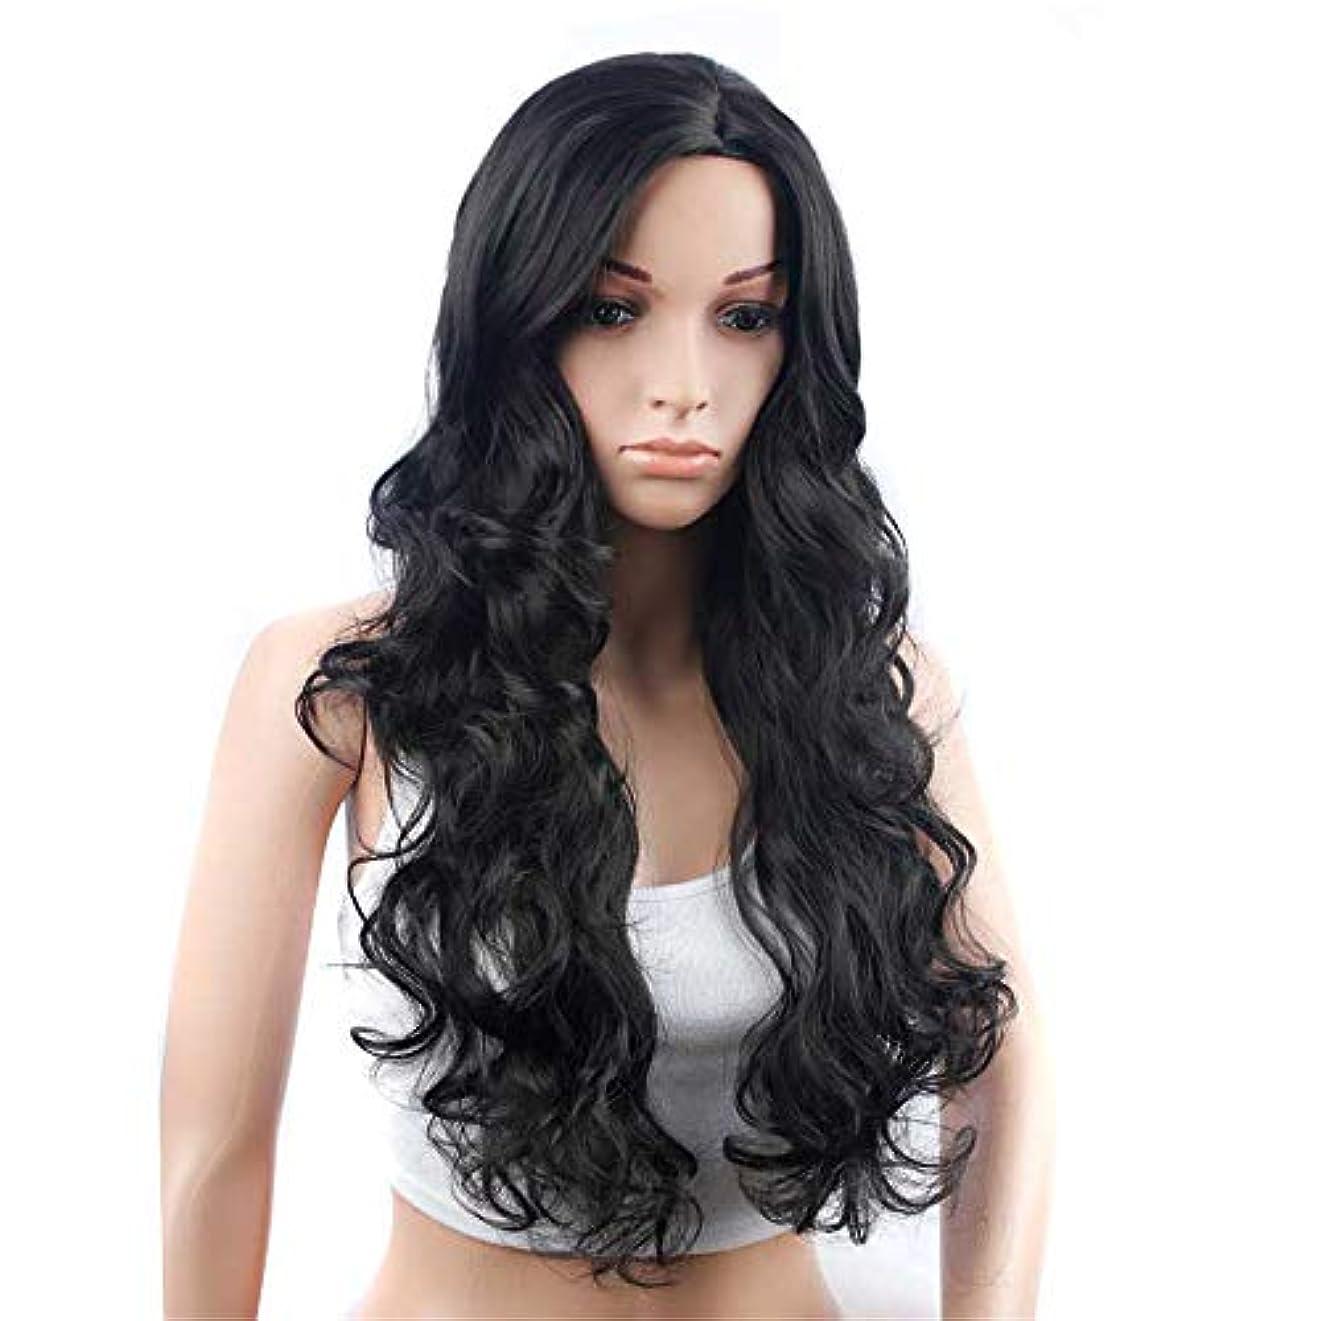 トロリーバス北方固執ウィッグロングウェーブブラックカラーロングウェーブ人工毛高温繊維ヘアスタイル女性用髪の毛ナチュラルミドルパート耐熱ヘアプレイ、ハロウィン23インチ